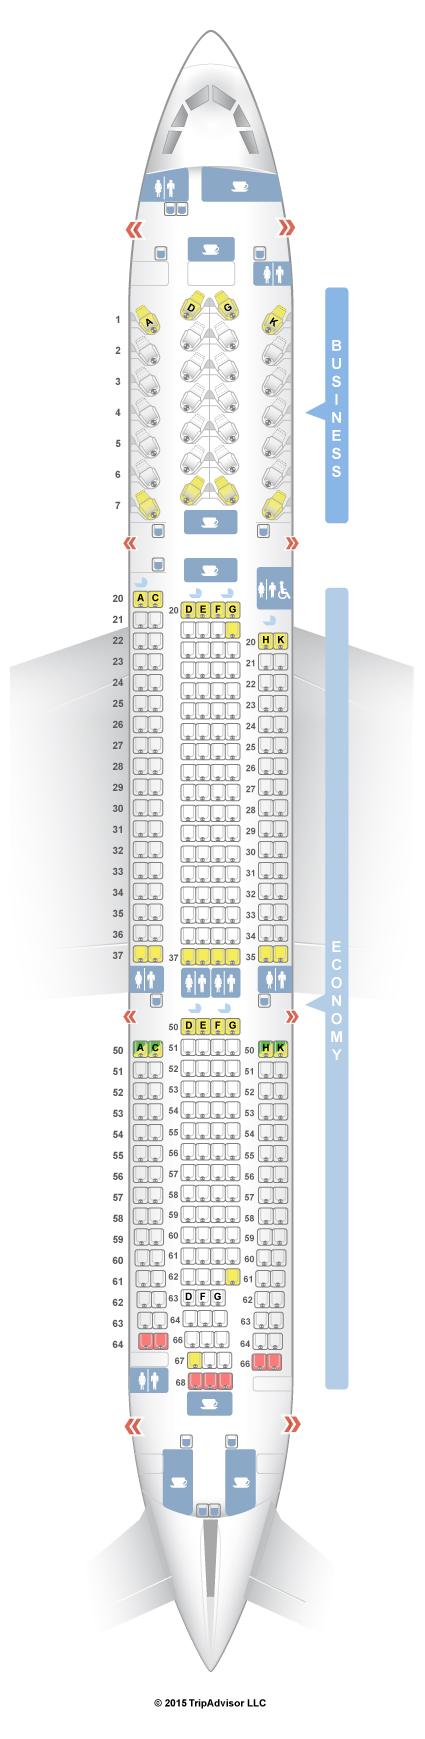 SriLankan_Airlines_Airbus_330-300.jpeg